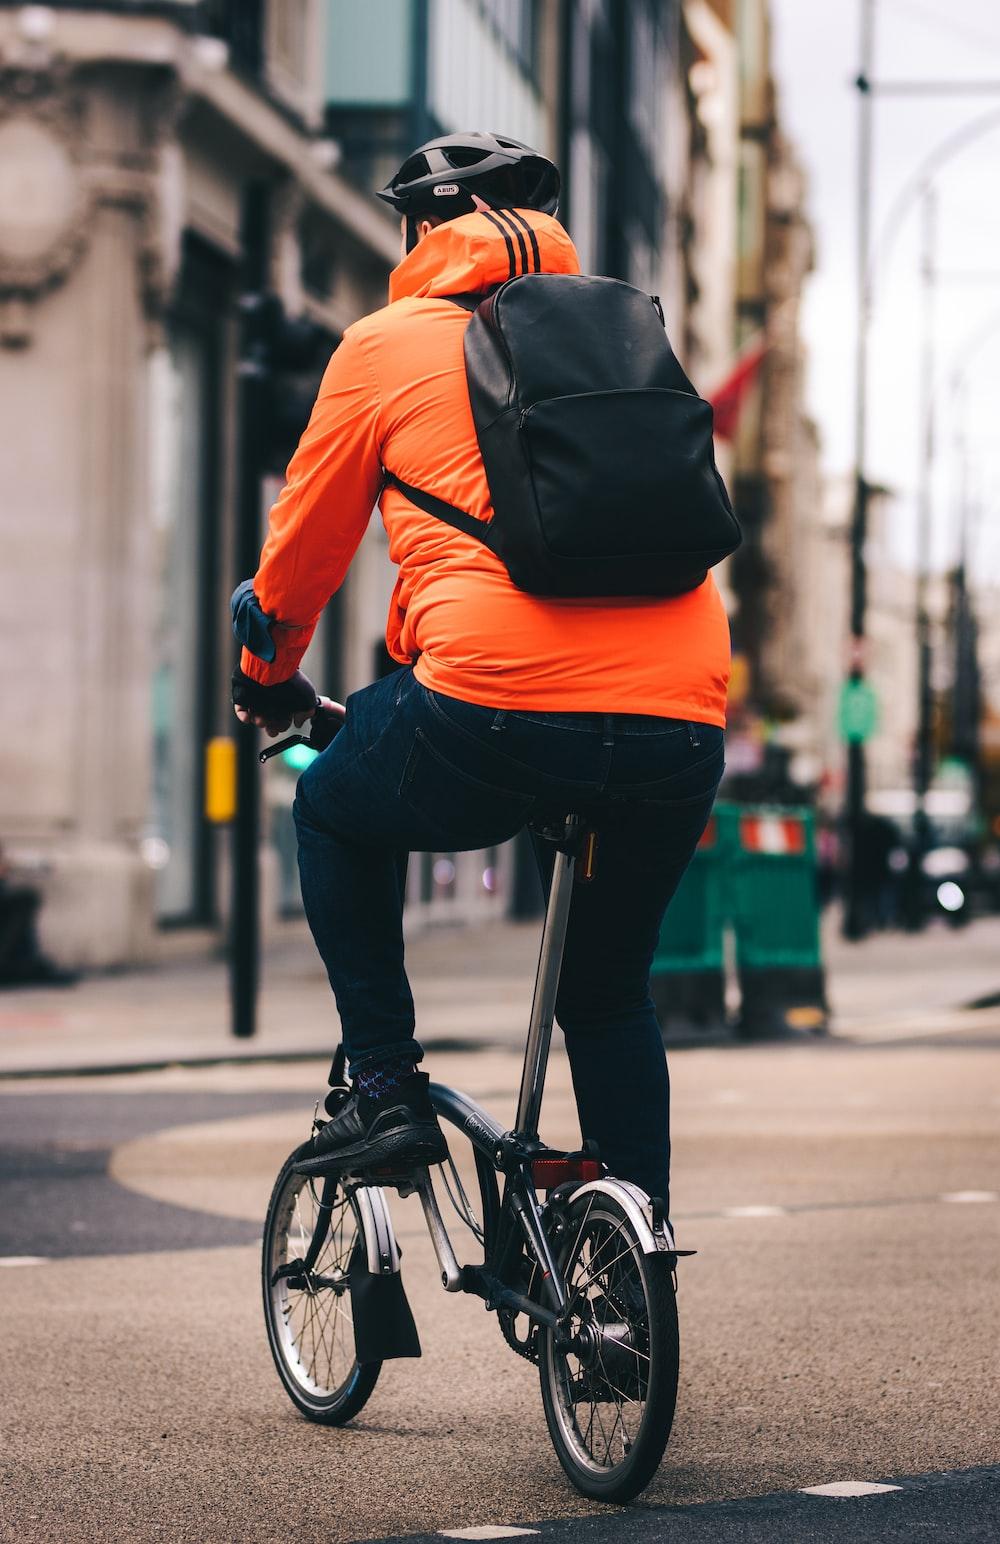 man in orange jacket riding bicycle during daytime